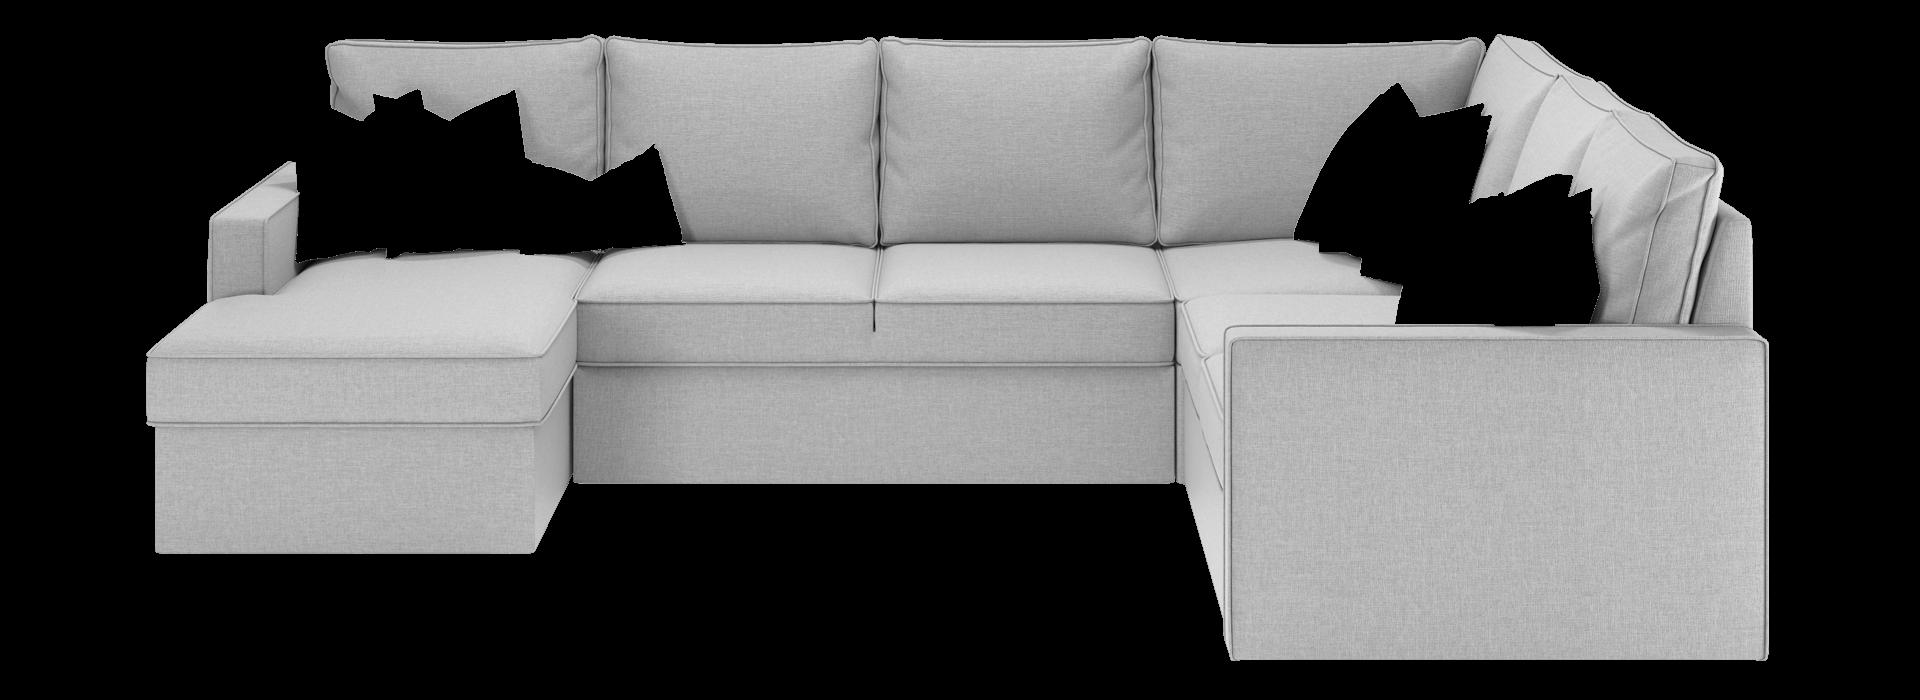 Лінкольн С модульний кутовий диван - маска 1